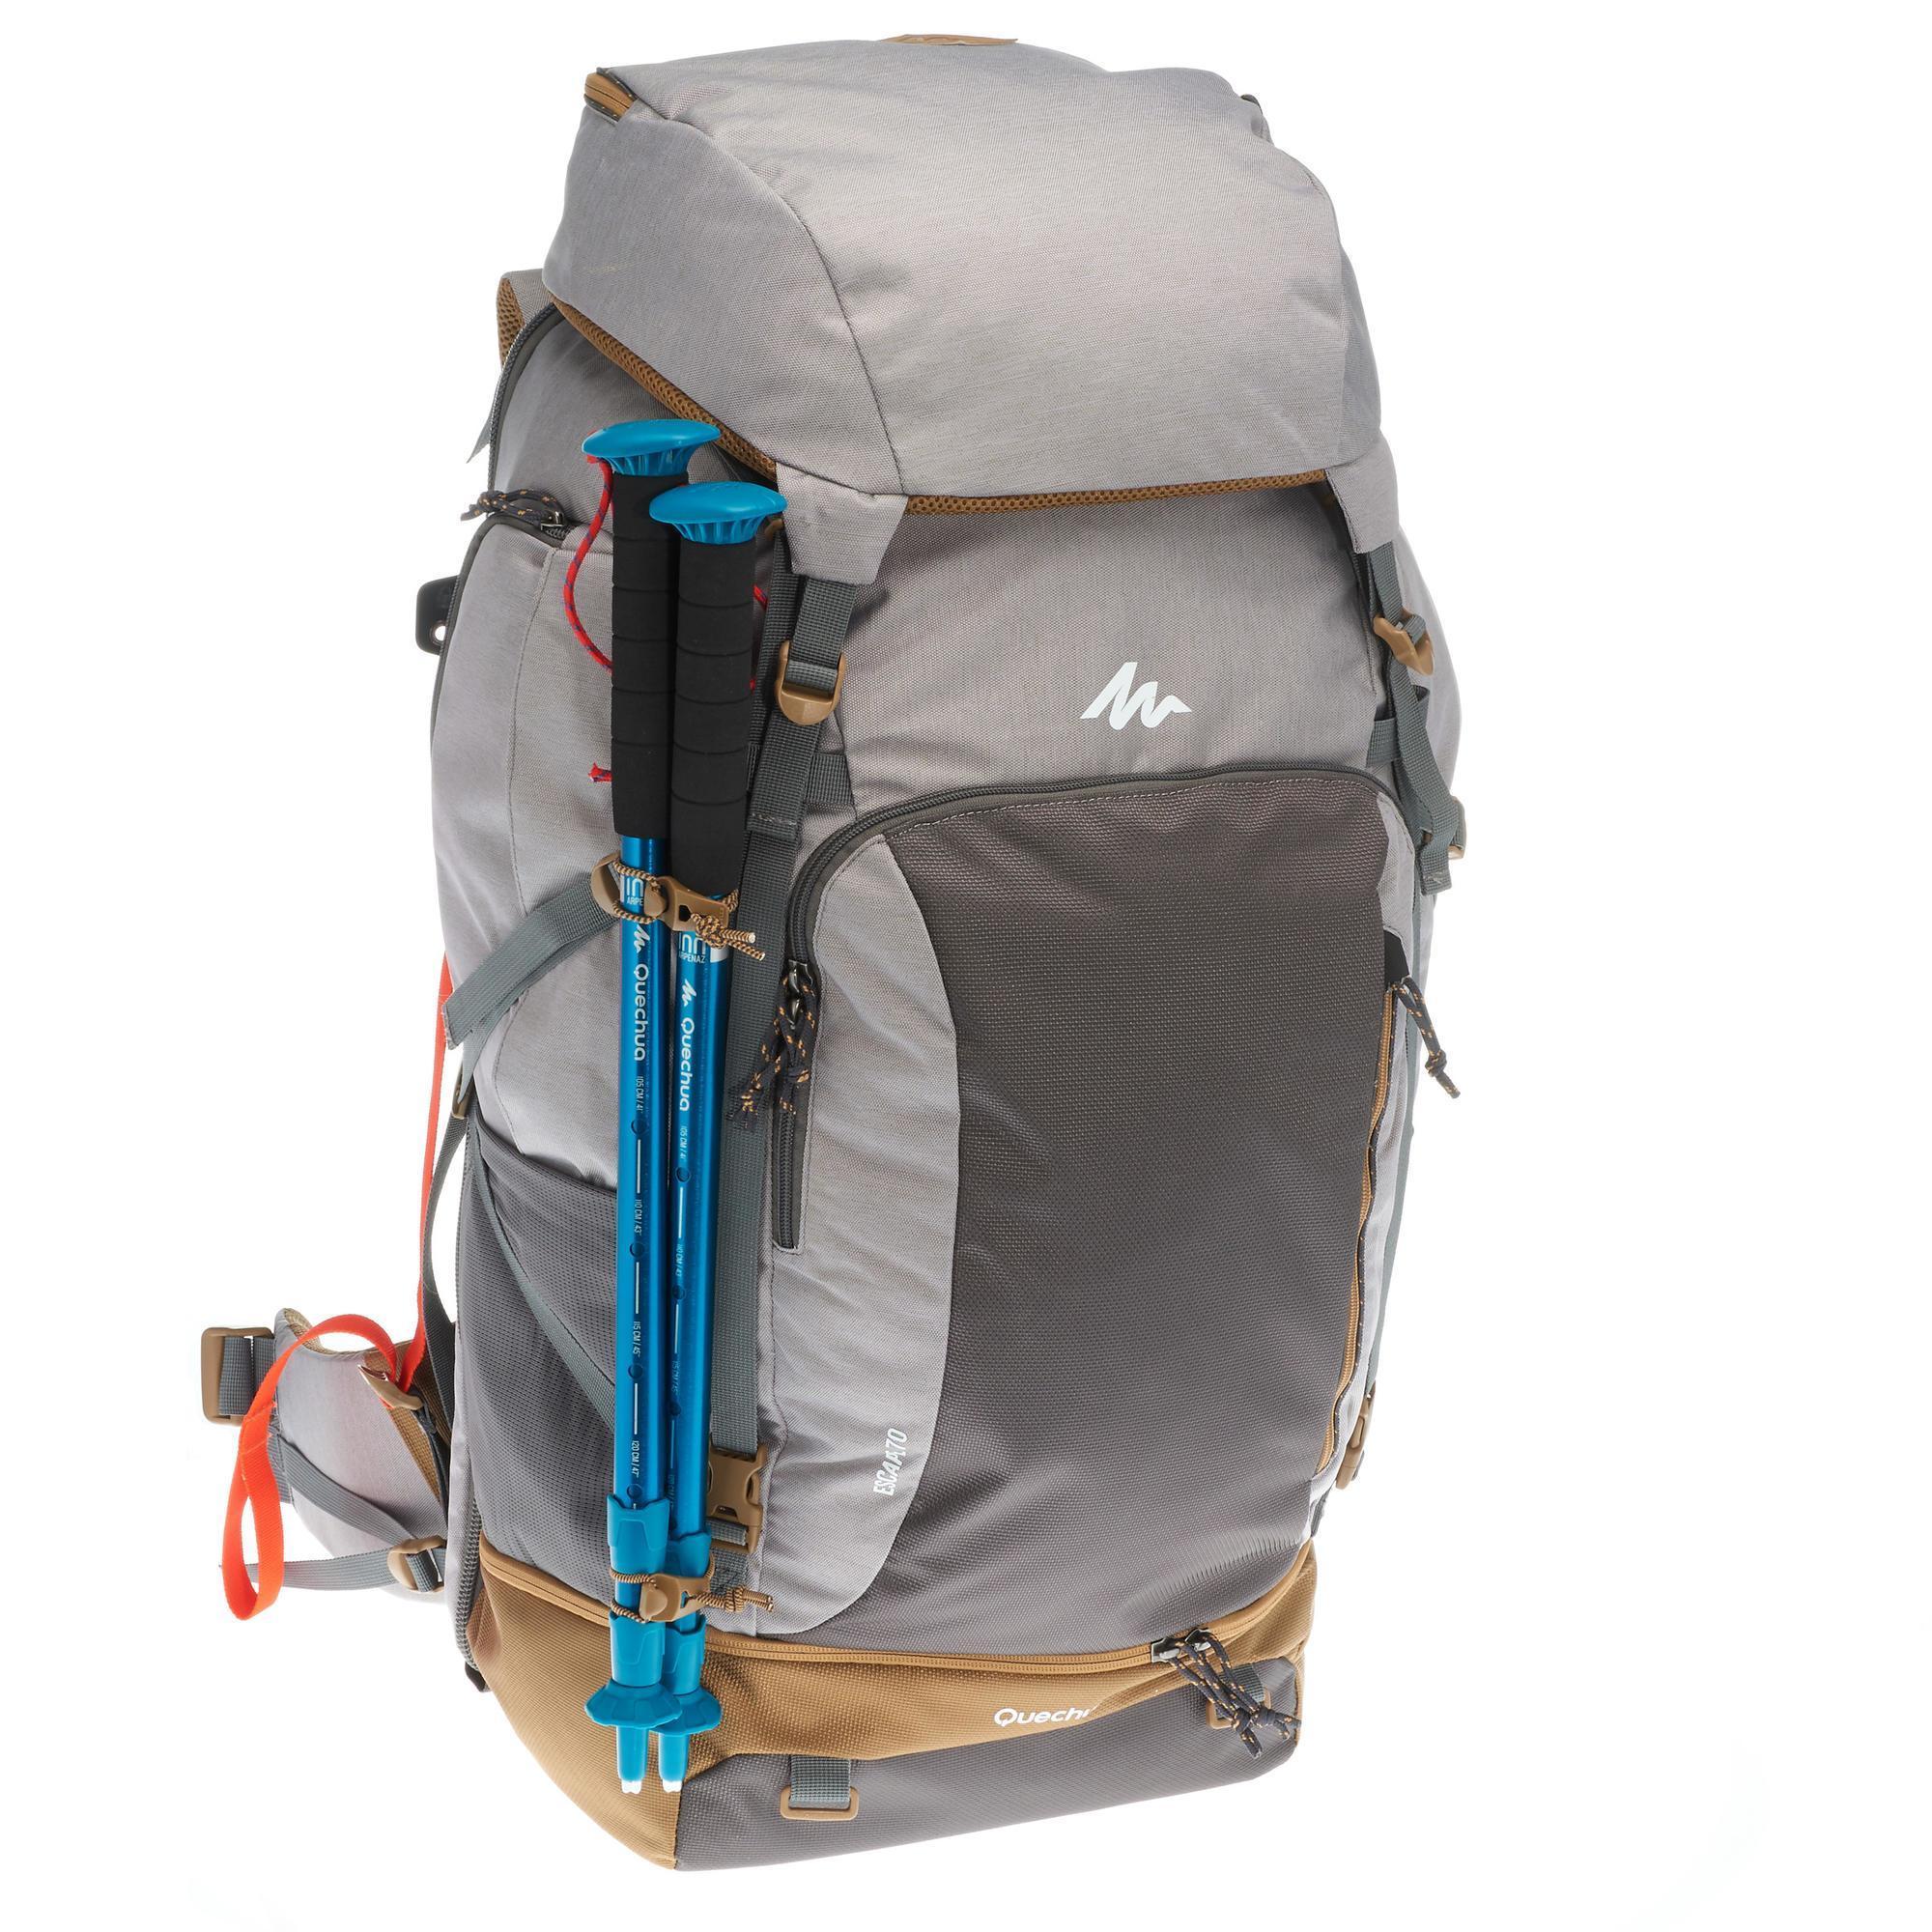 Apta Trekking Litros Candado Travel 500 Mujer 70 Gris Para Mochila  xTwqfYPnRY 451e448e80b